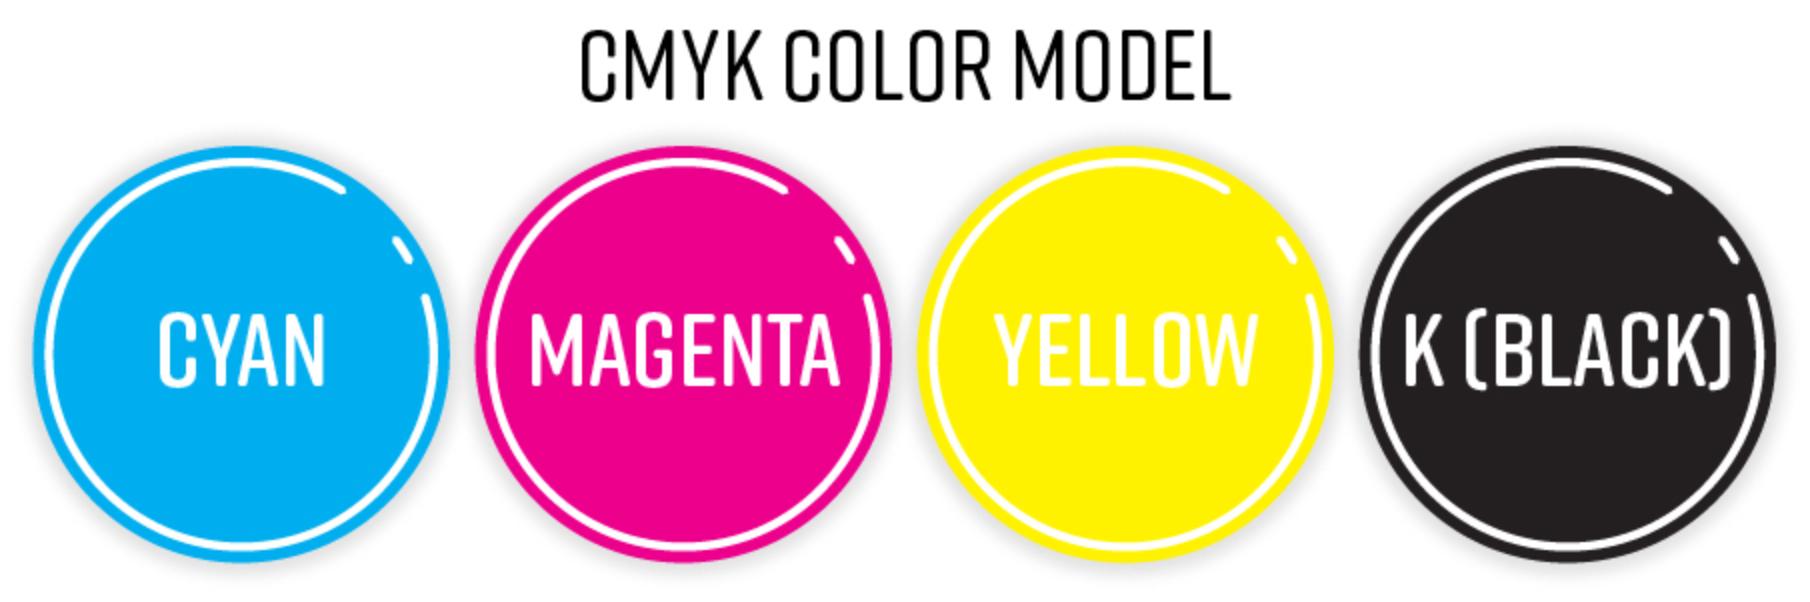 Колірний режим CMYK